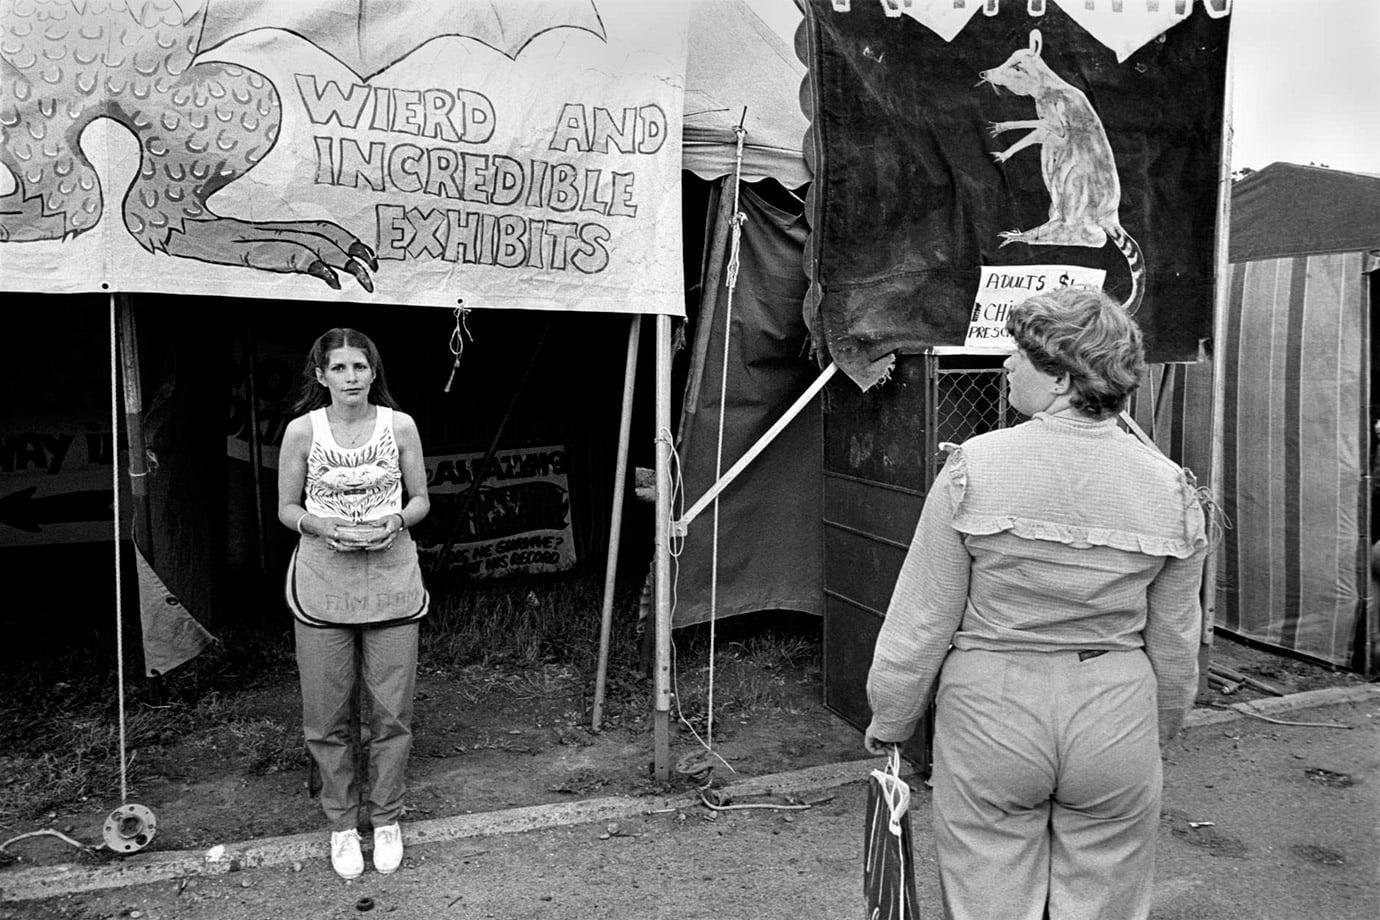 A&P Show, Christchurch, 1982, Bruce Foster NZ